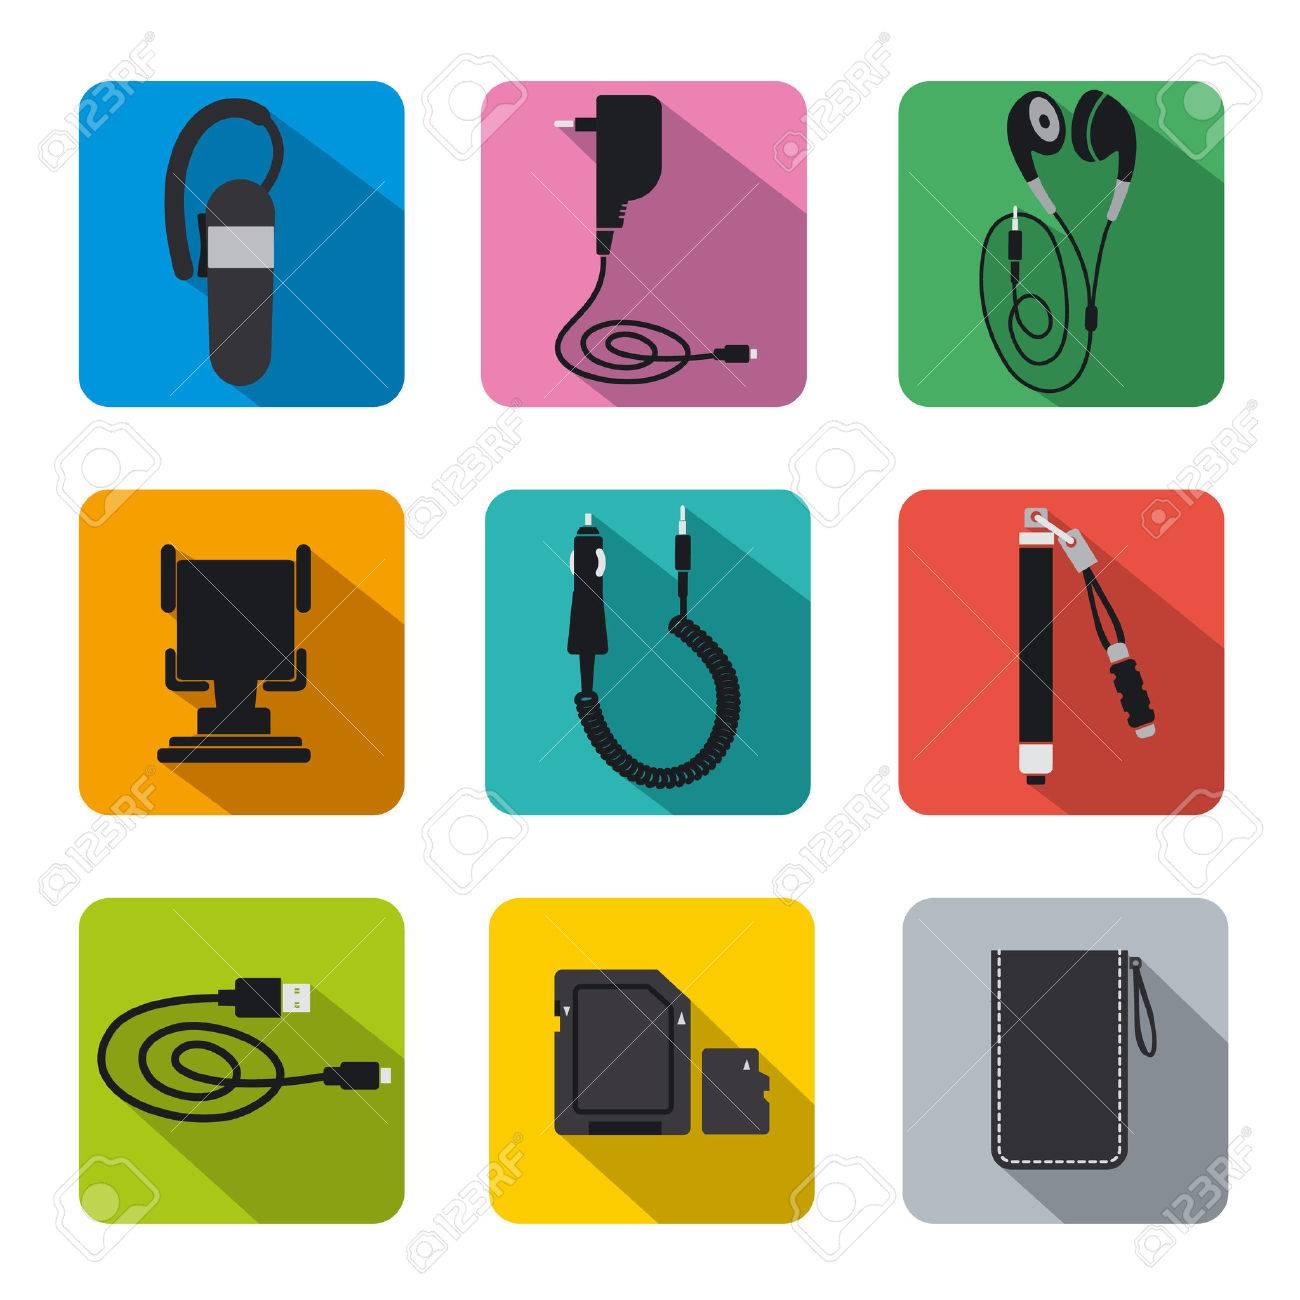 0872a07e8d8 Conjunto de iconos de accesorios de telefonía plana Foto de archivo -  26928395